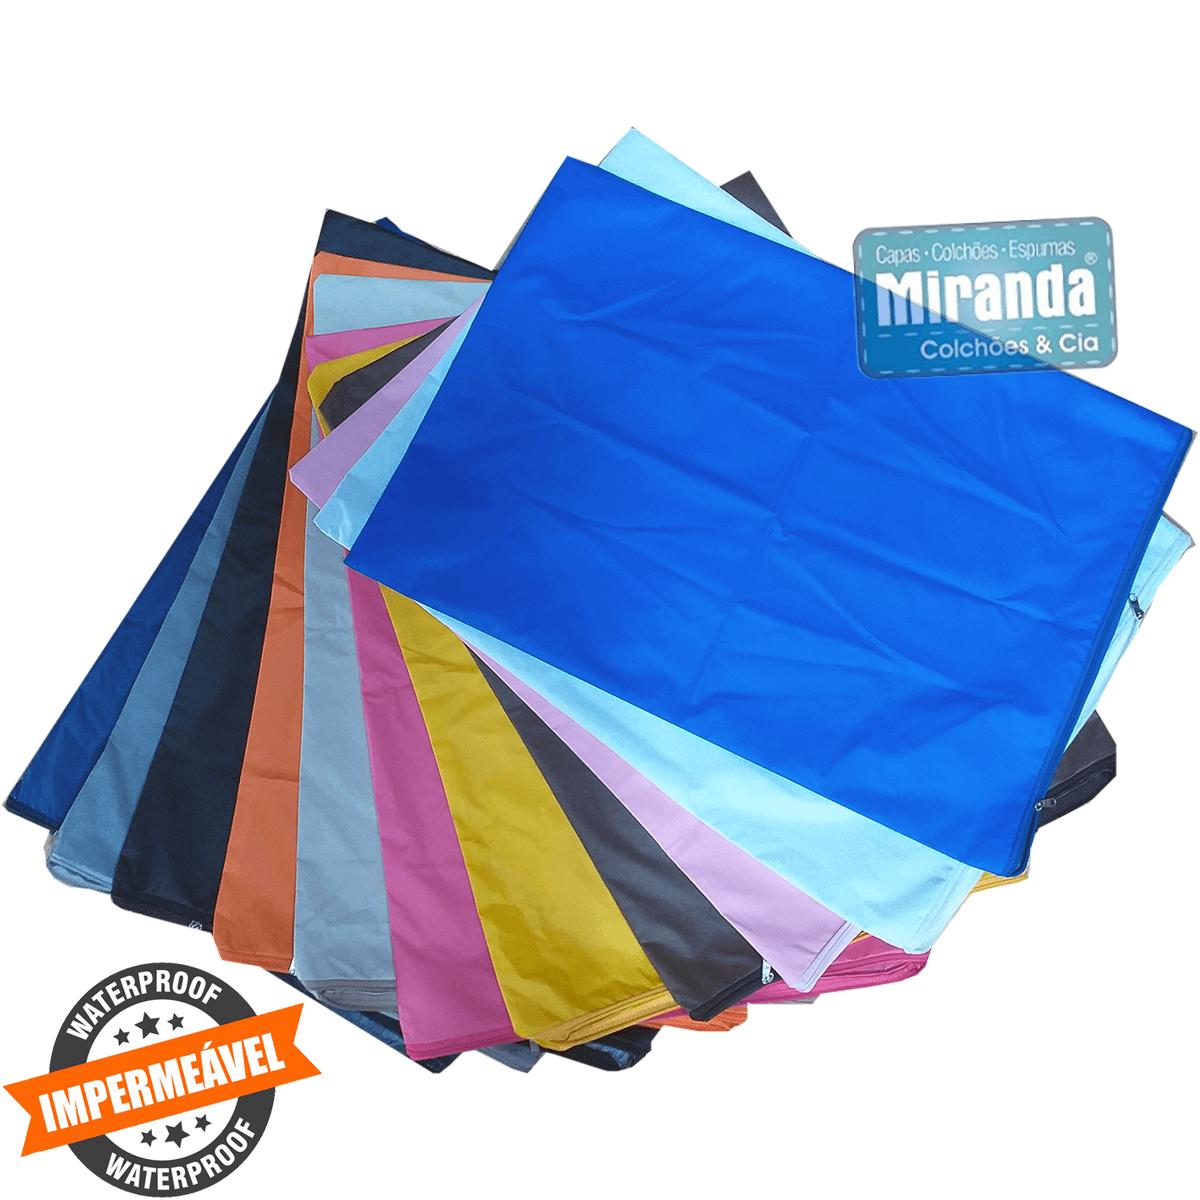 Capa Impermeável Para Travesseiro Hospitalar Com Zíper Diversas  Cores - Medida Especial  - Miranda Colchões